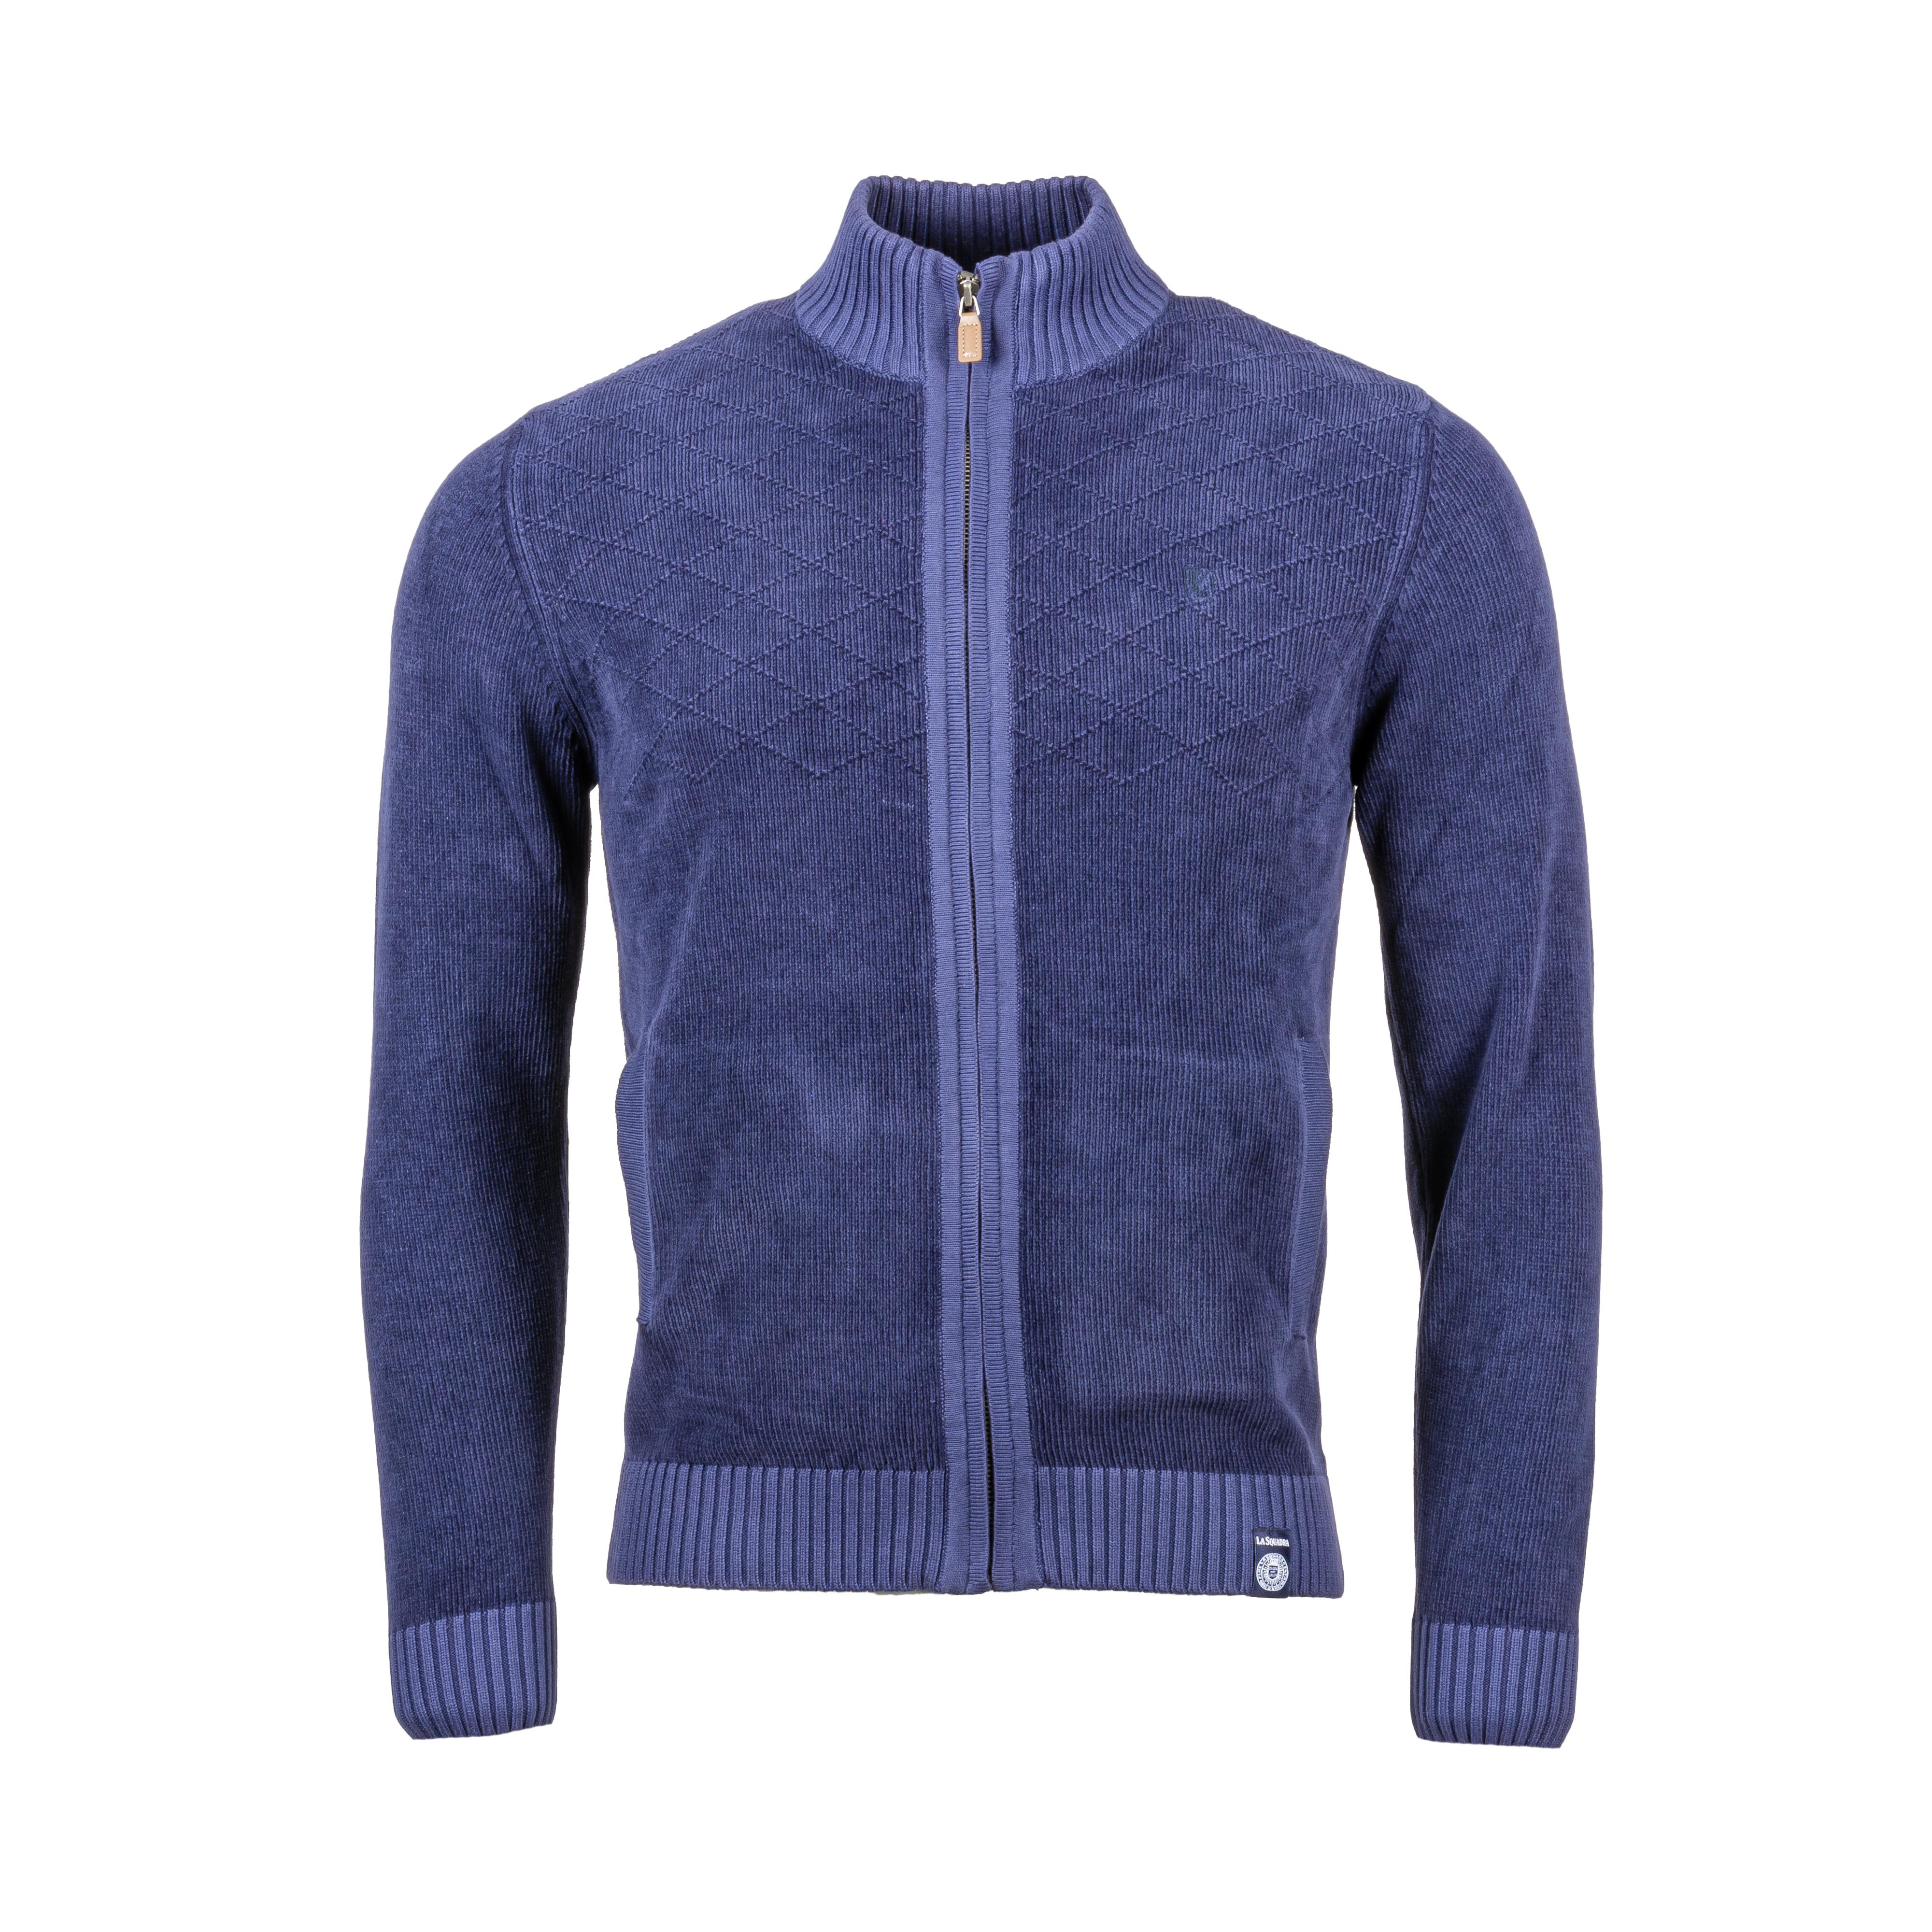 Gilet La Squadra Salara en coton bleu marine à motifs losanges texturés